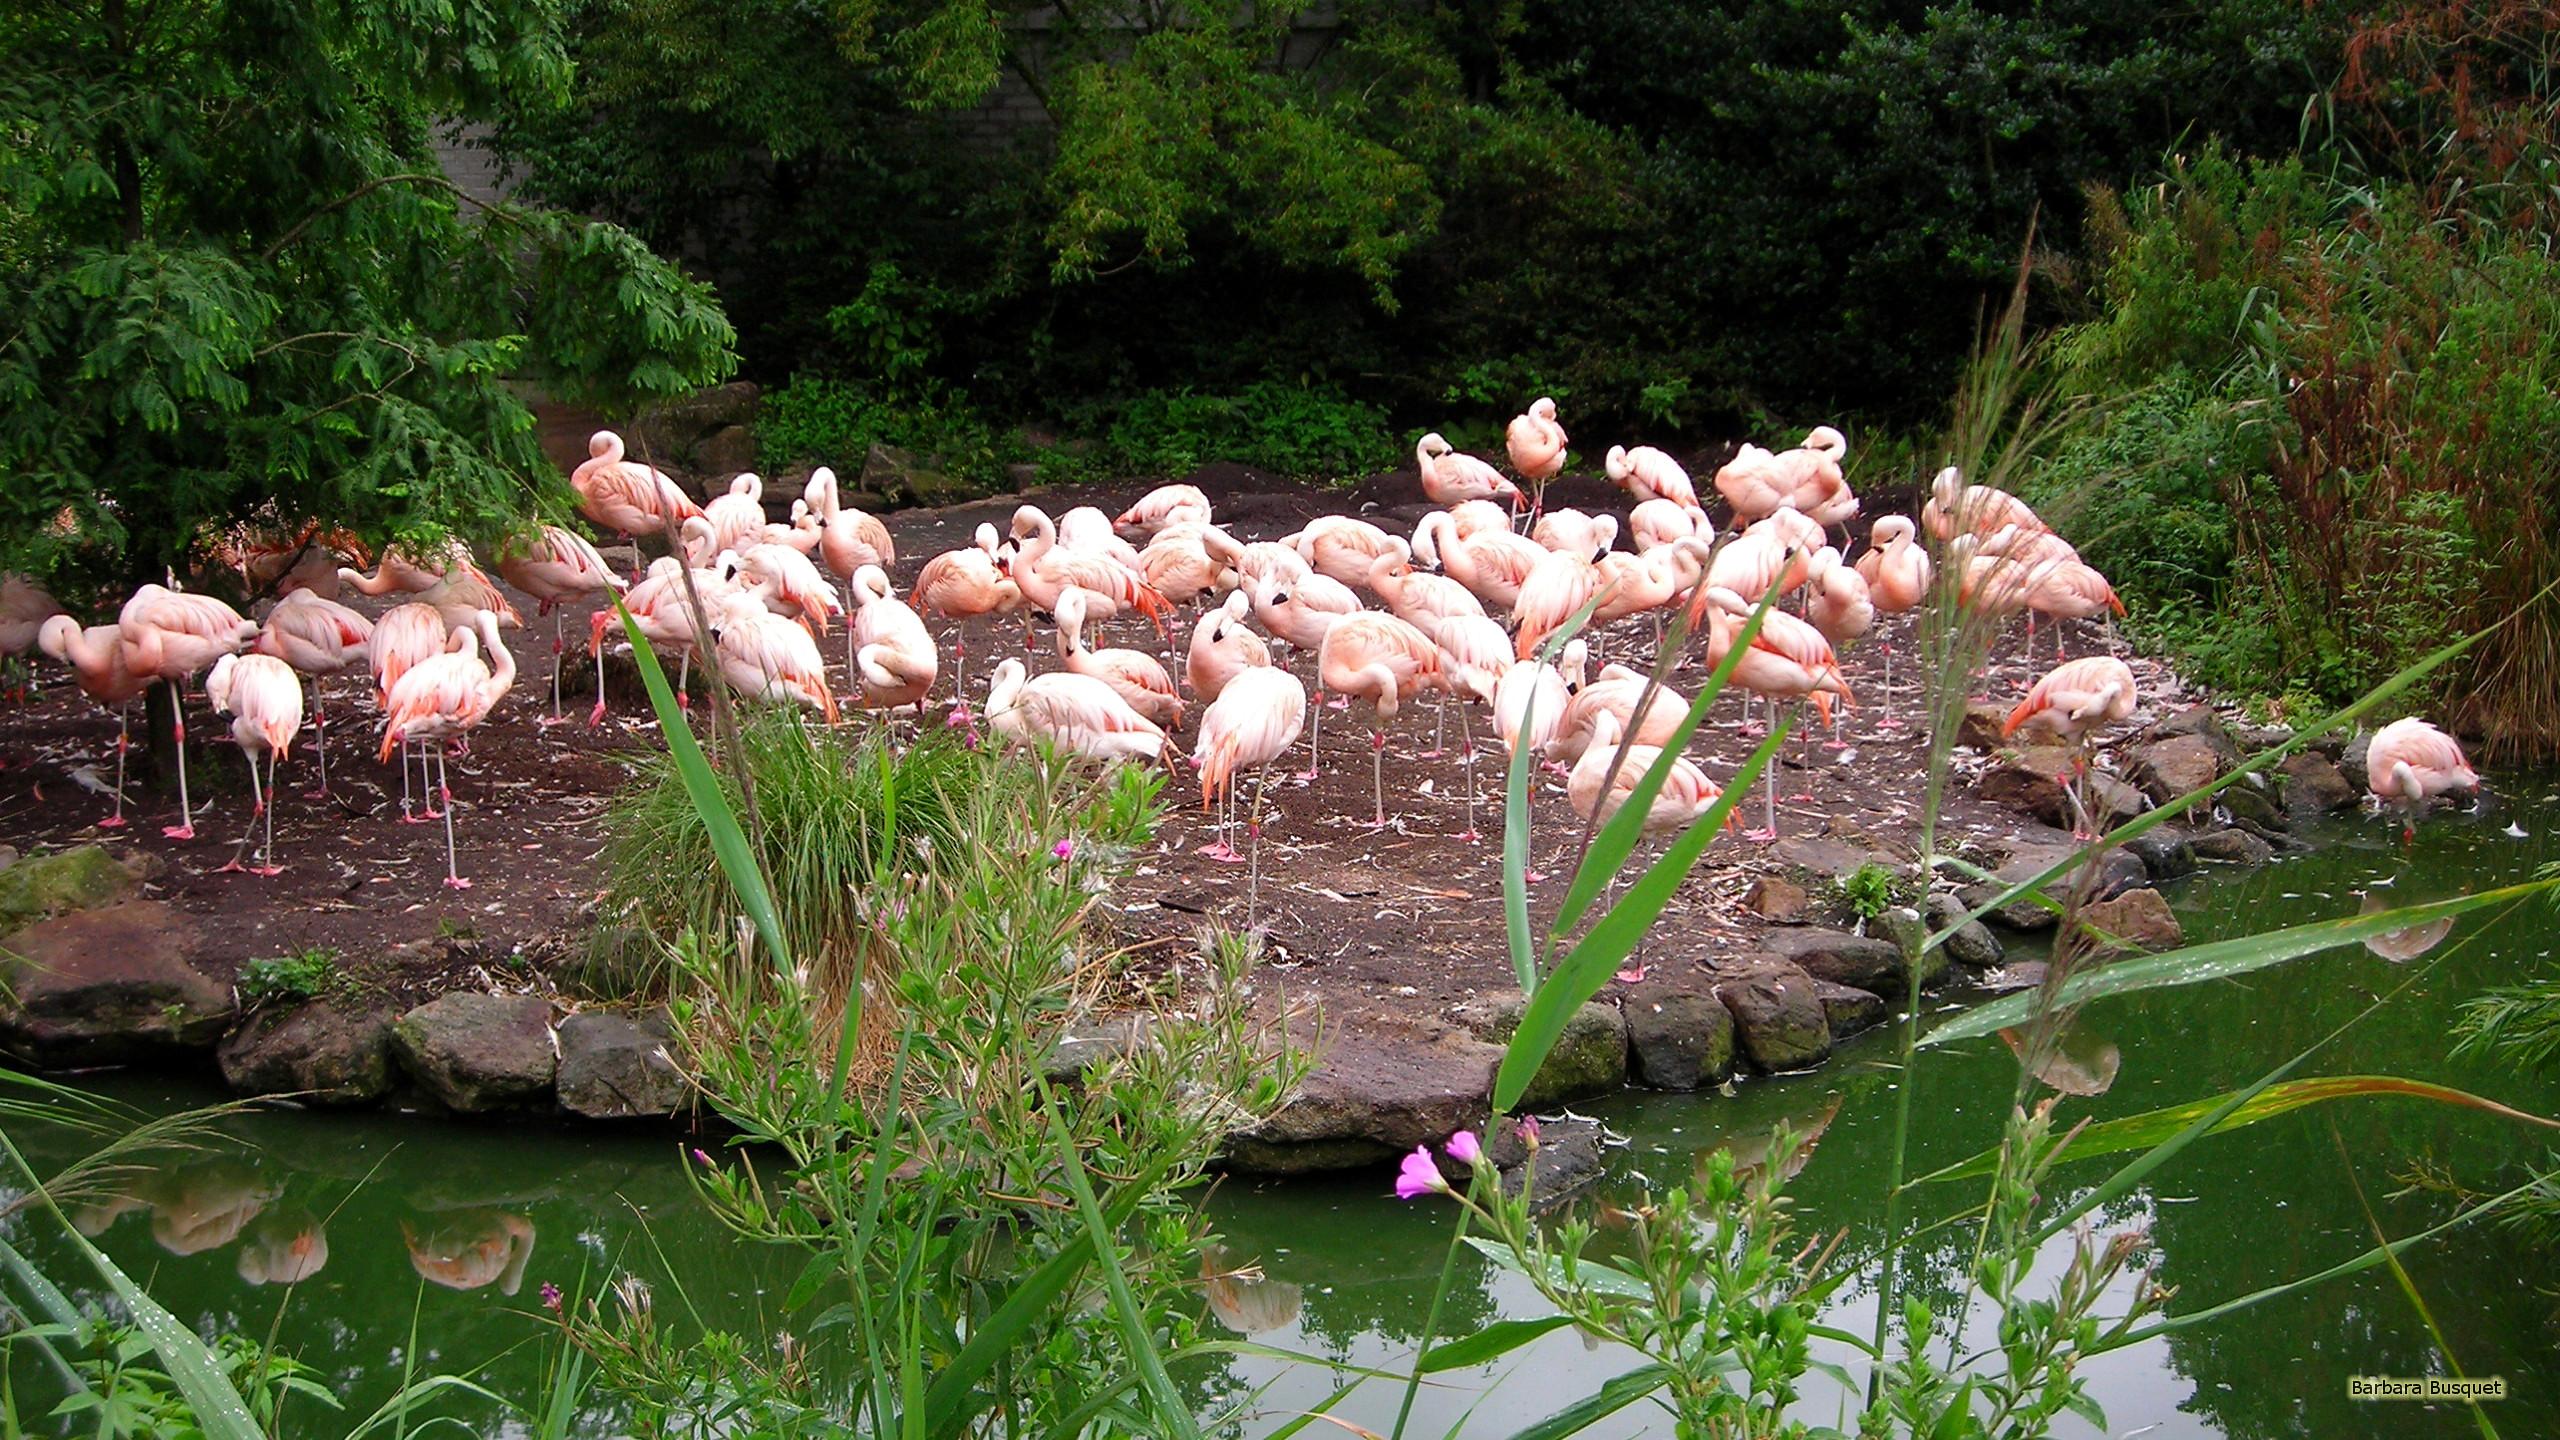 Amazing Flamingos images in  Flamingo art Background